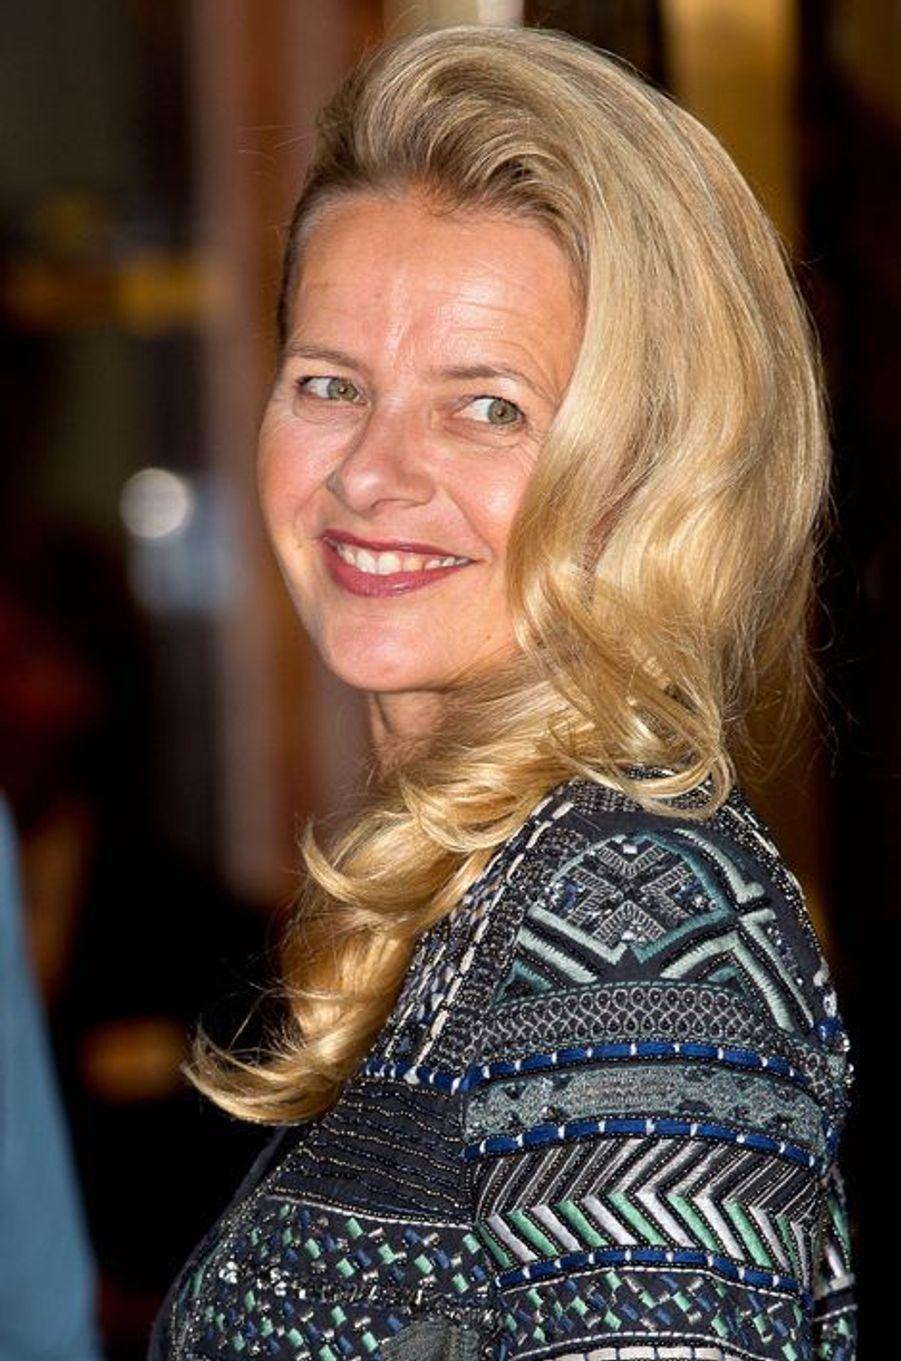 La princesse Mabel des Pays-Bas à Amsterdam, le 26 septembre 2015